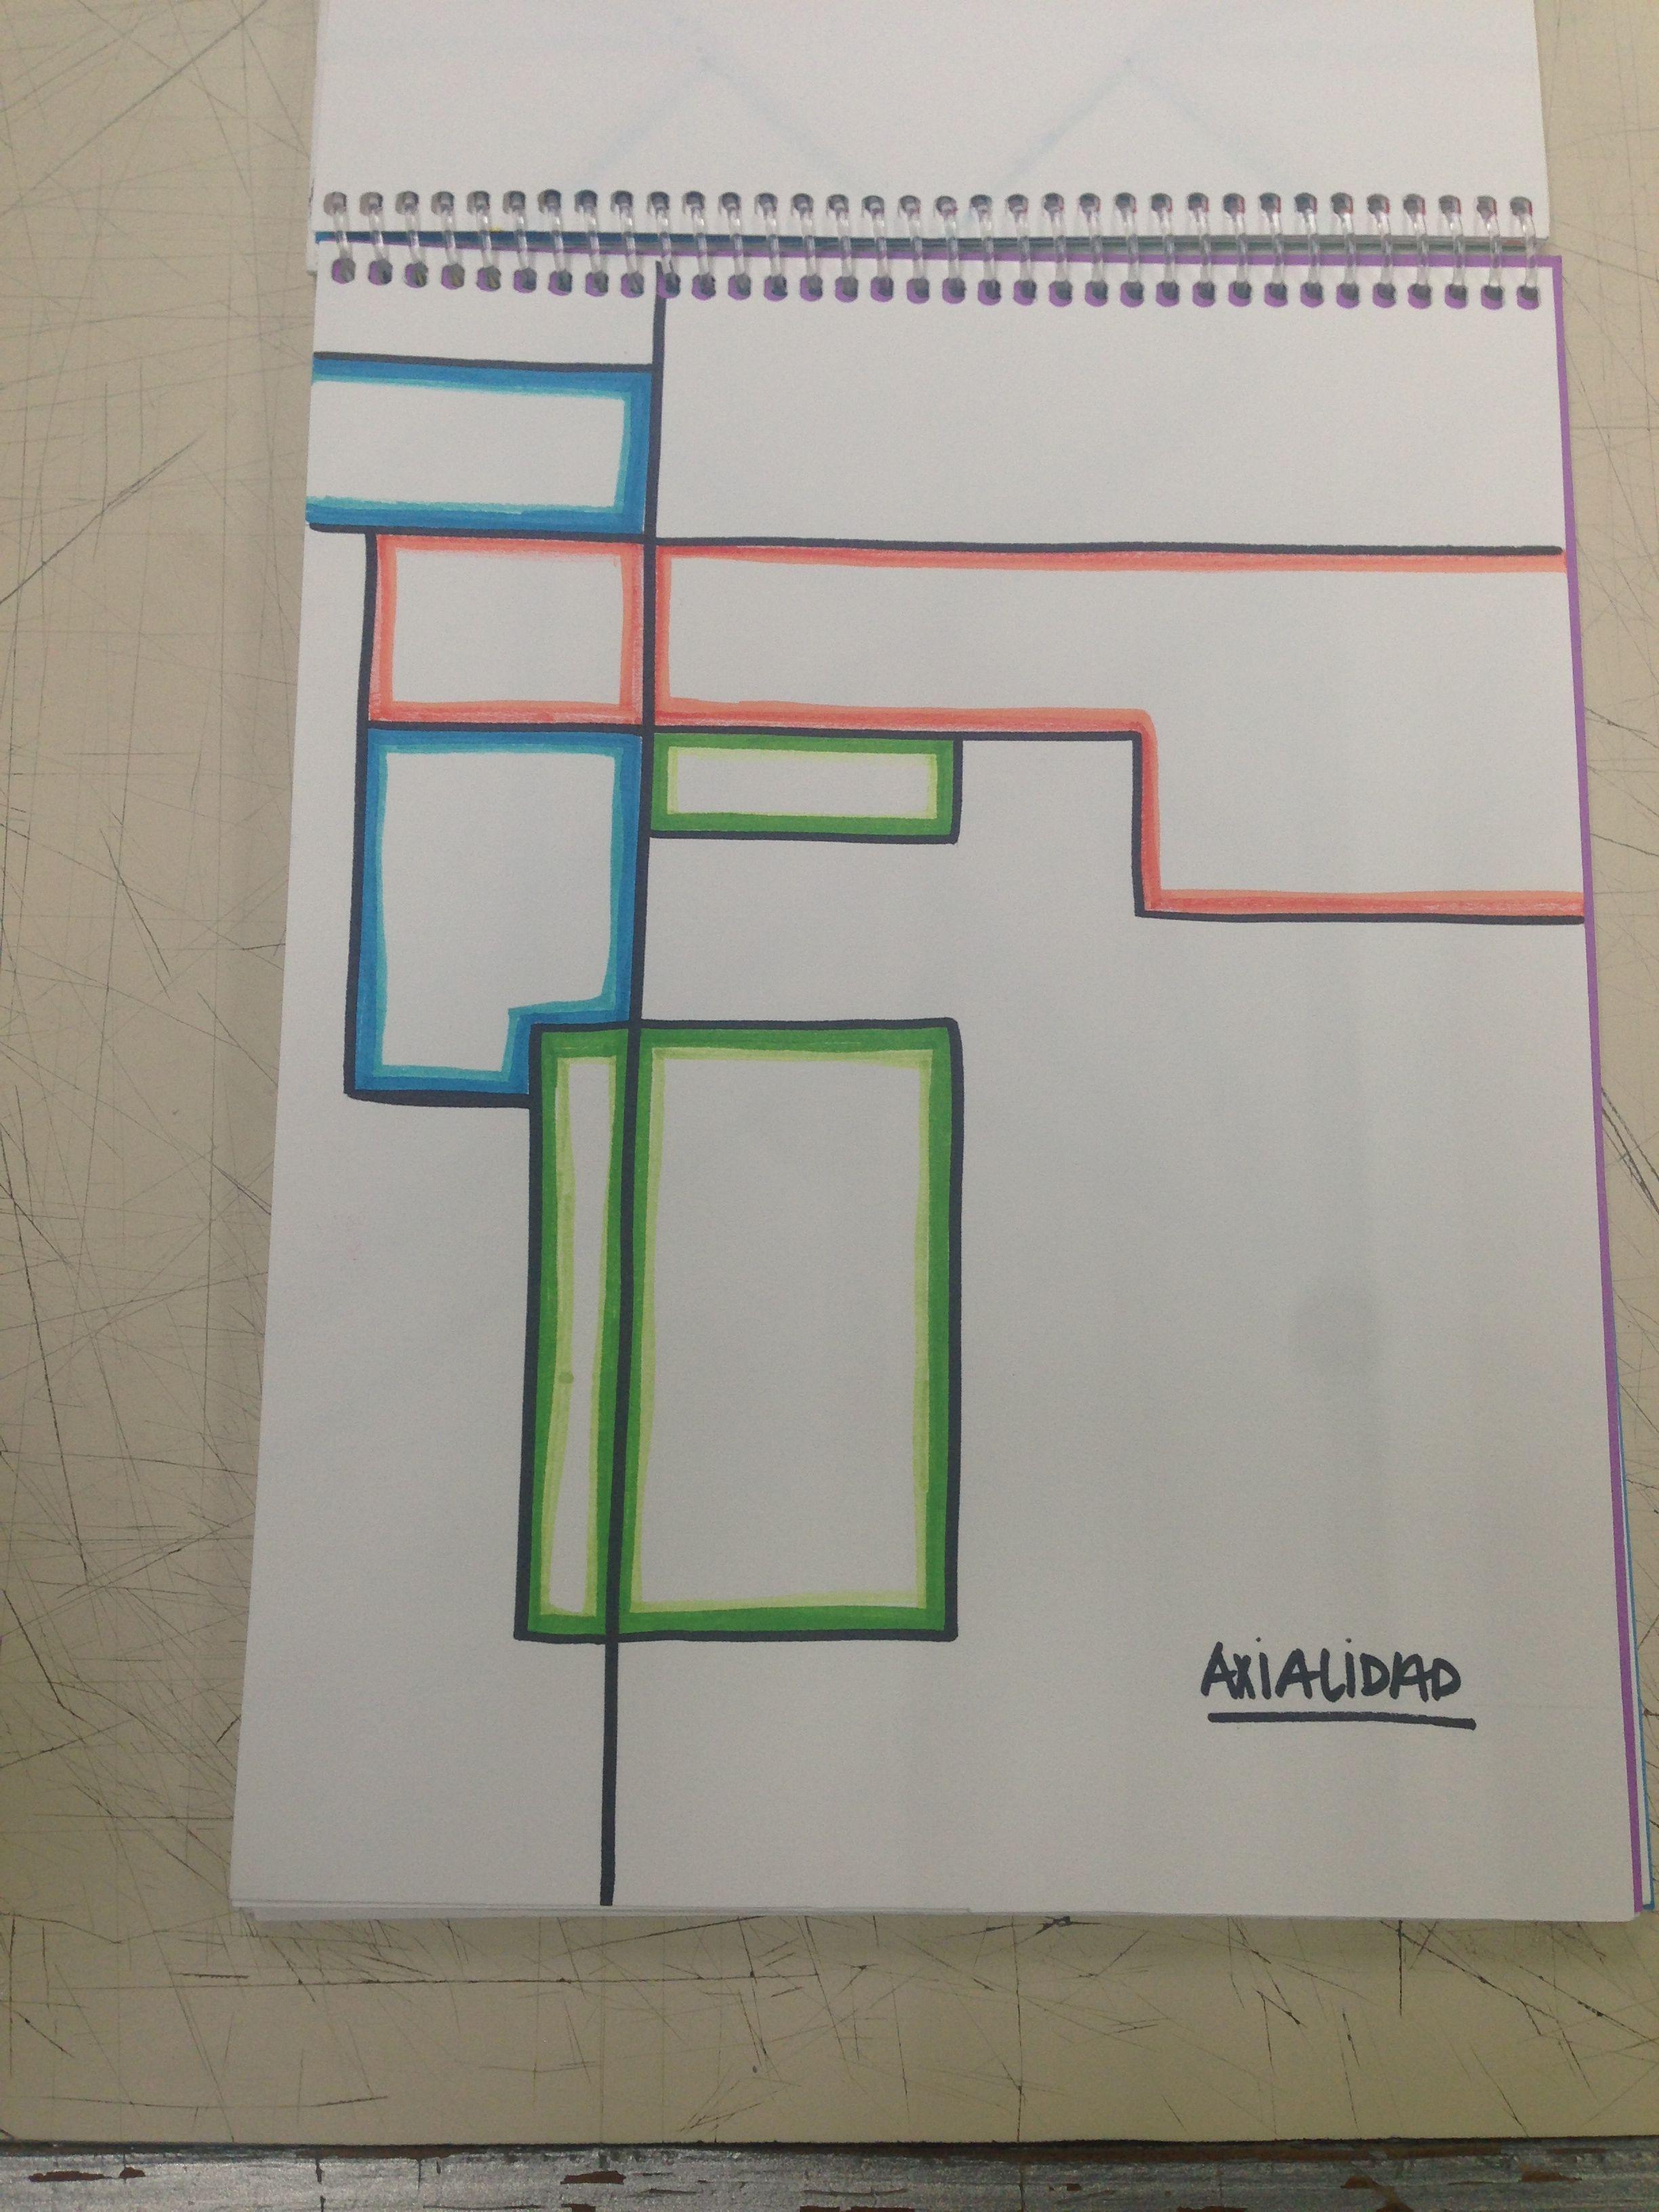 Elementos Del Diseno Axialidad Arquitectura Abstracta Disenos De Unas Diseno Arquitectura